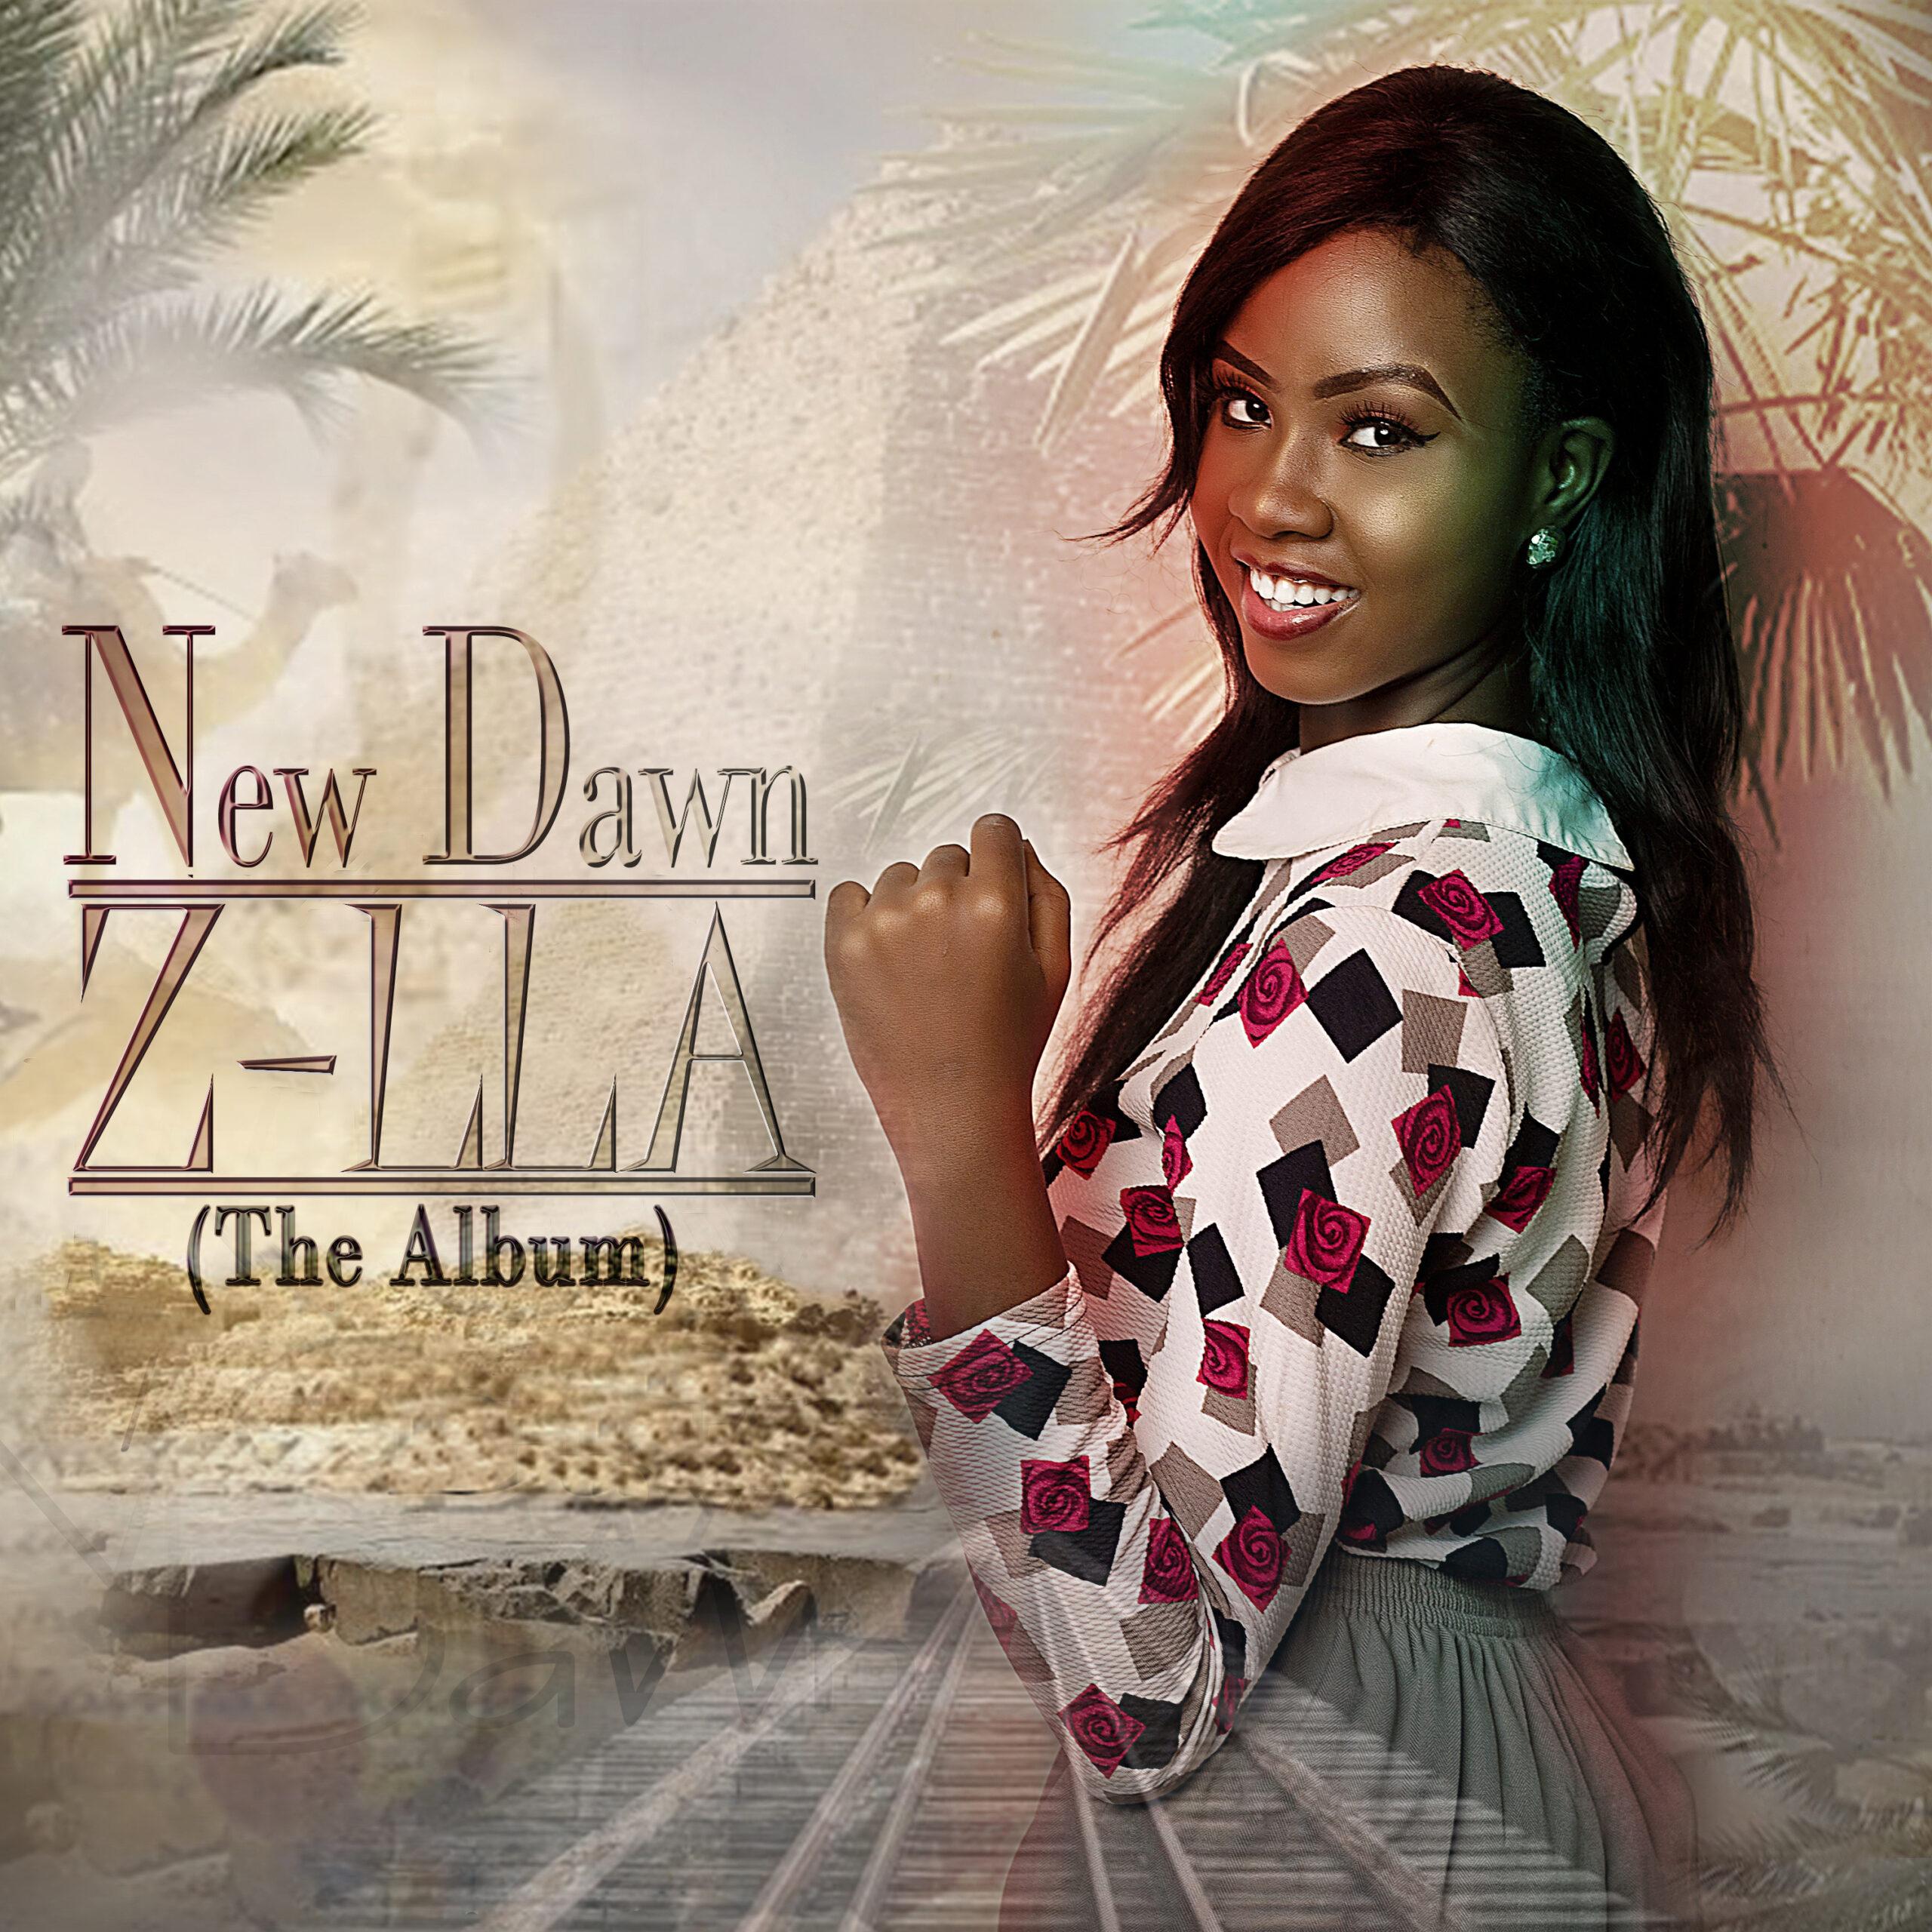 Z-lla Releases New Album 'New Dawn'